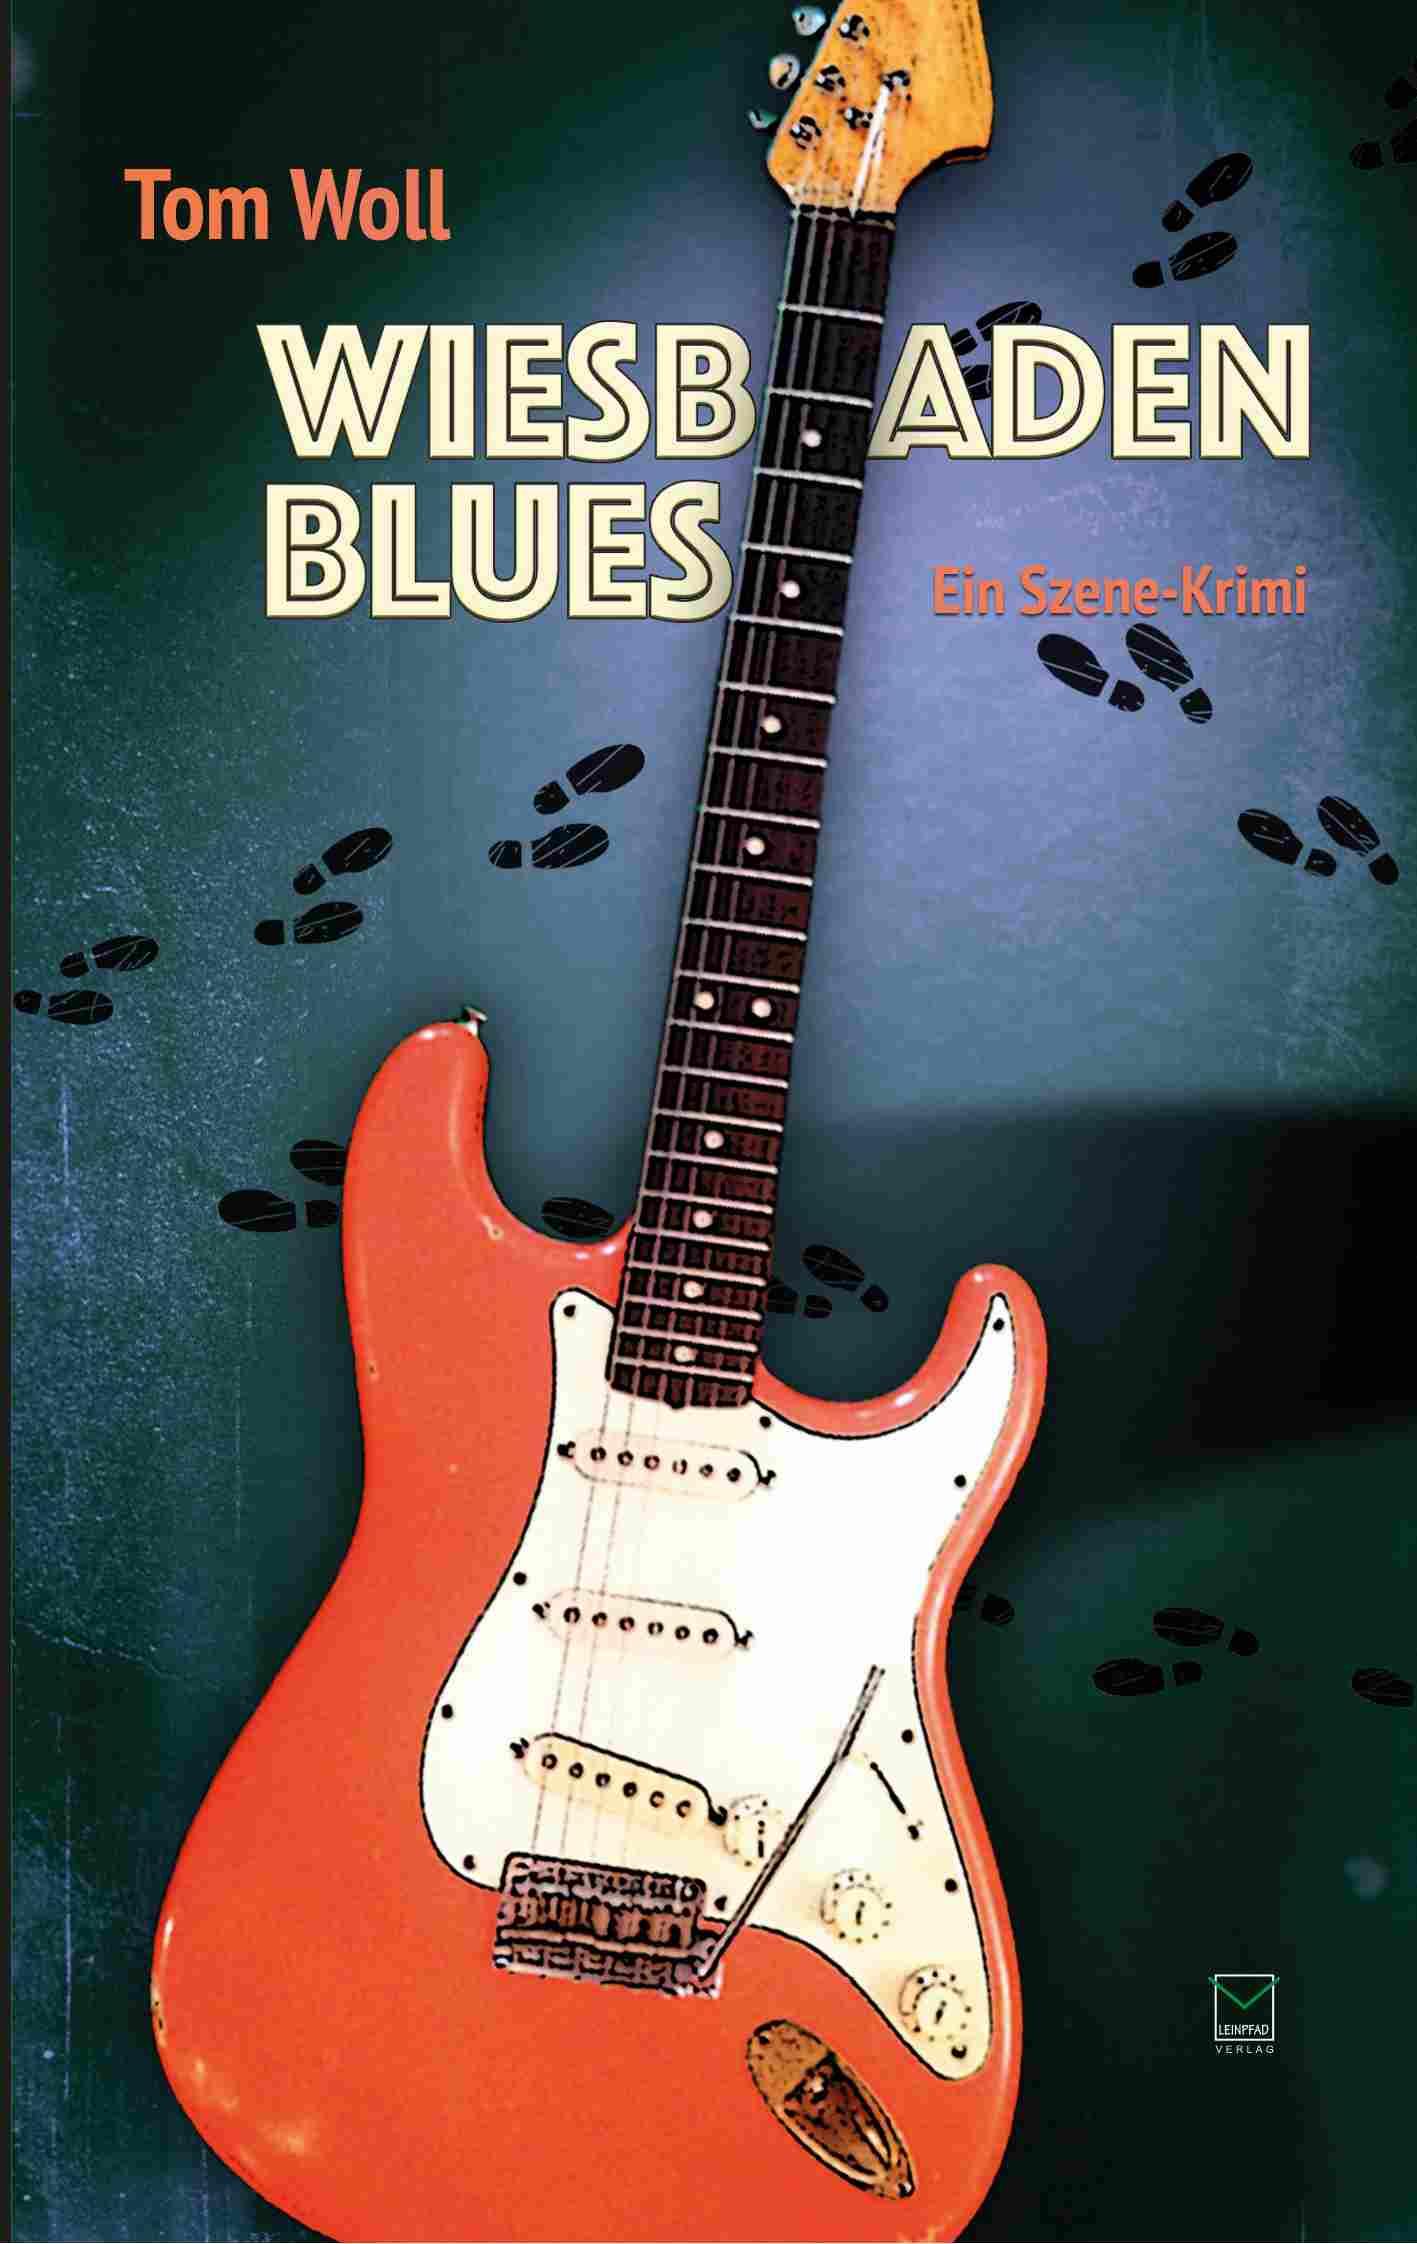 Der Gitarrengott Als Krimiautor Tom Woll Stellt Heute Wiesbaden Blues Im Wohnzimmer Vor Lesung Mit Konzert